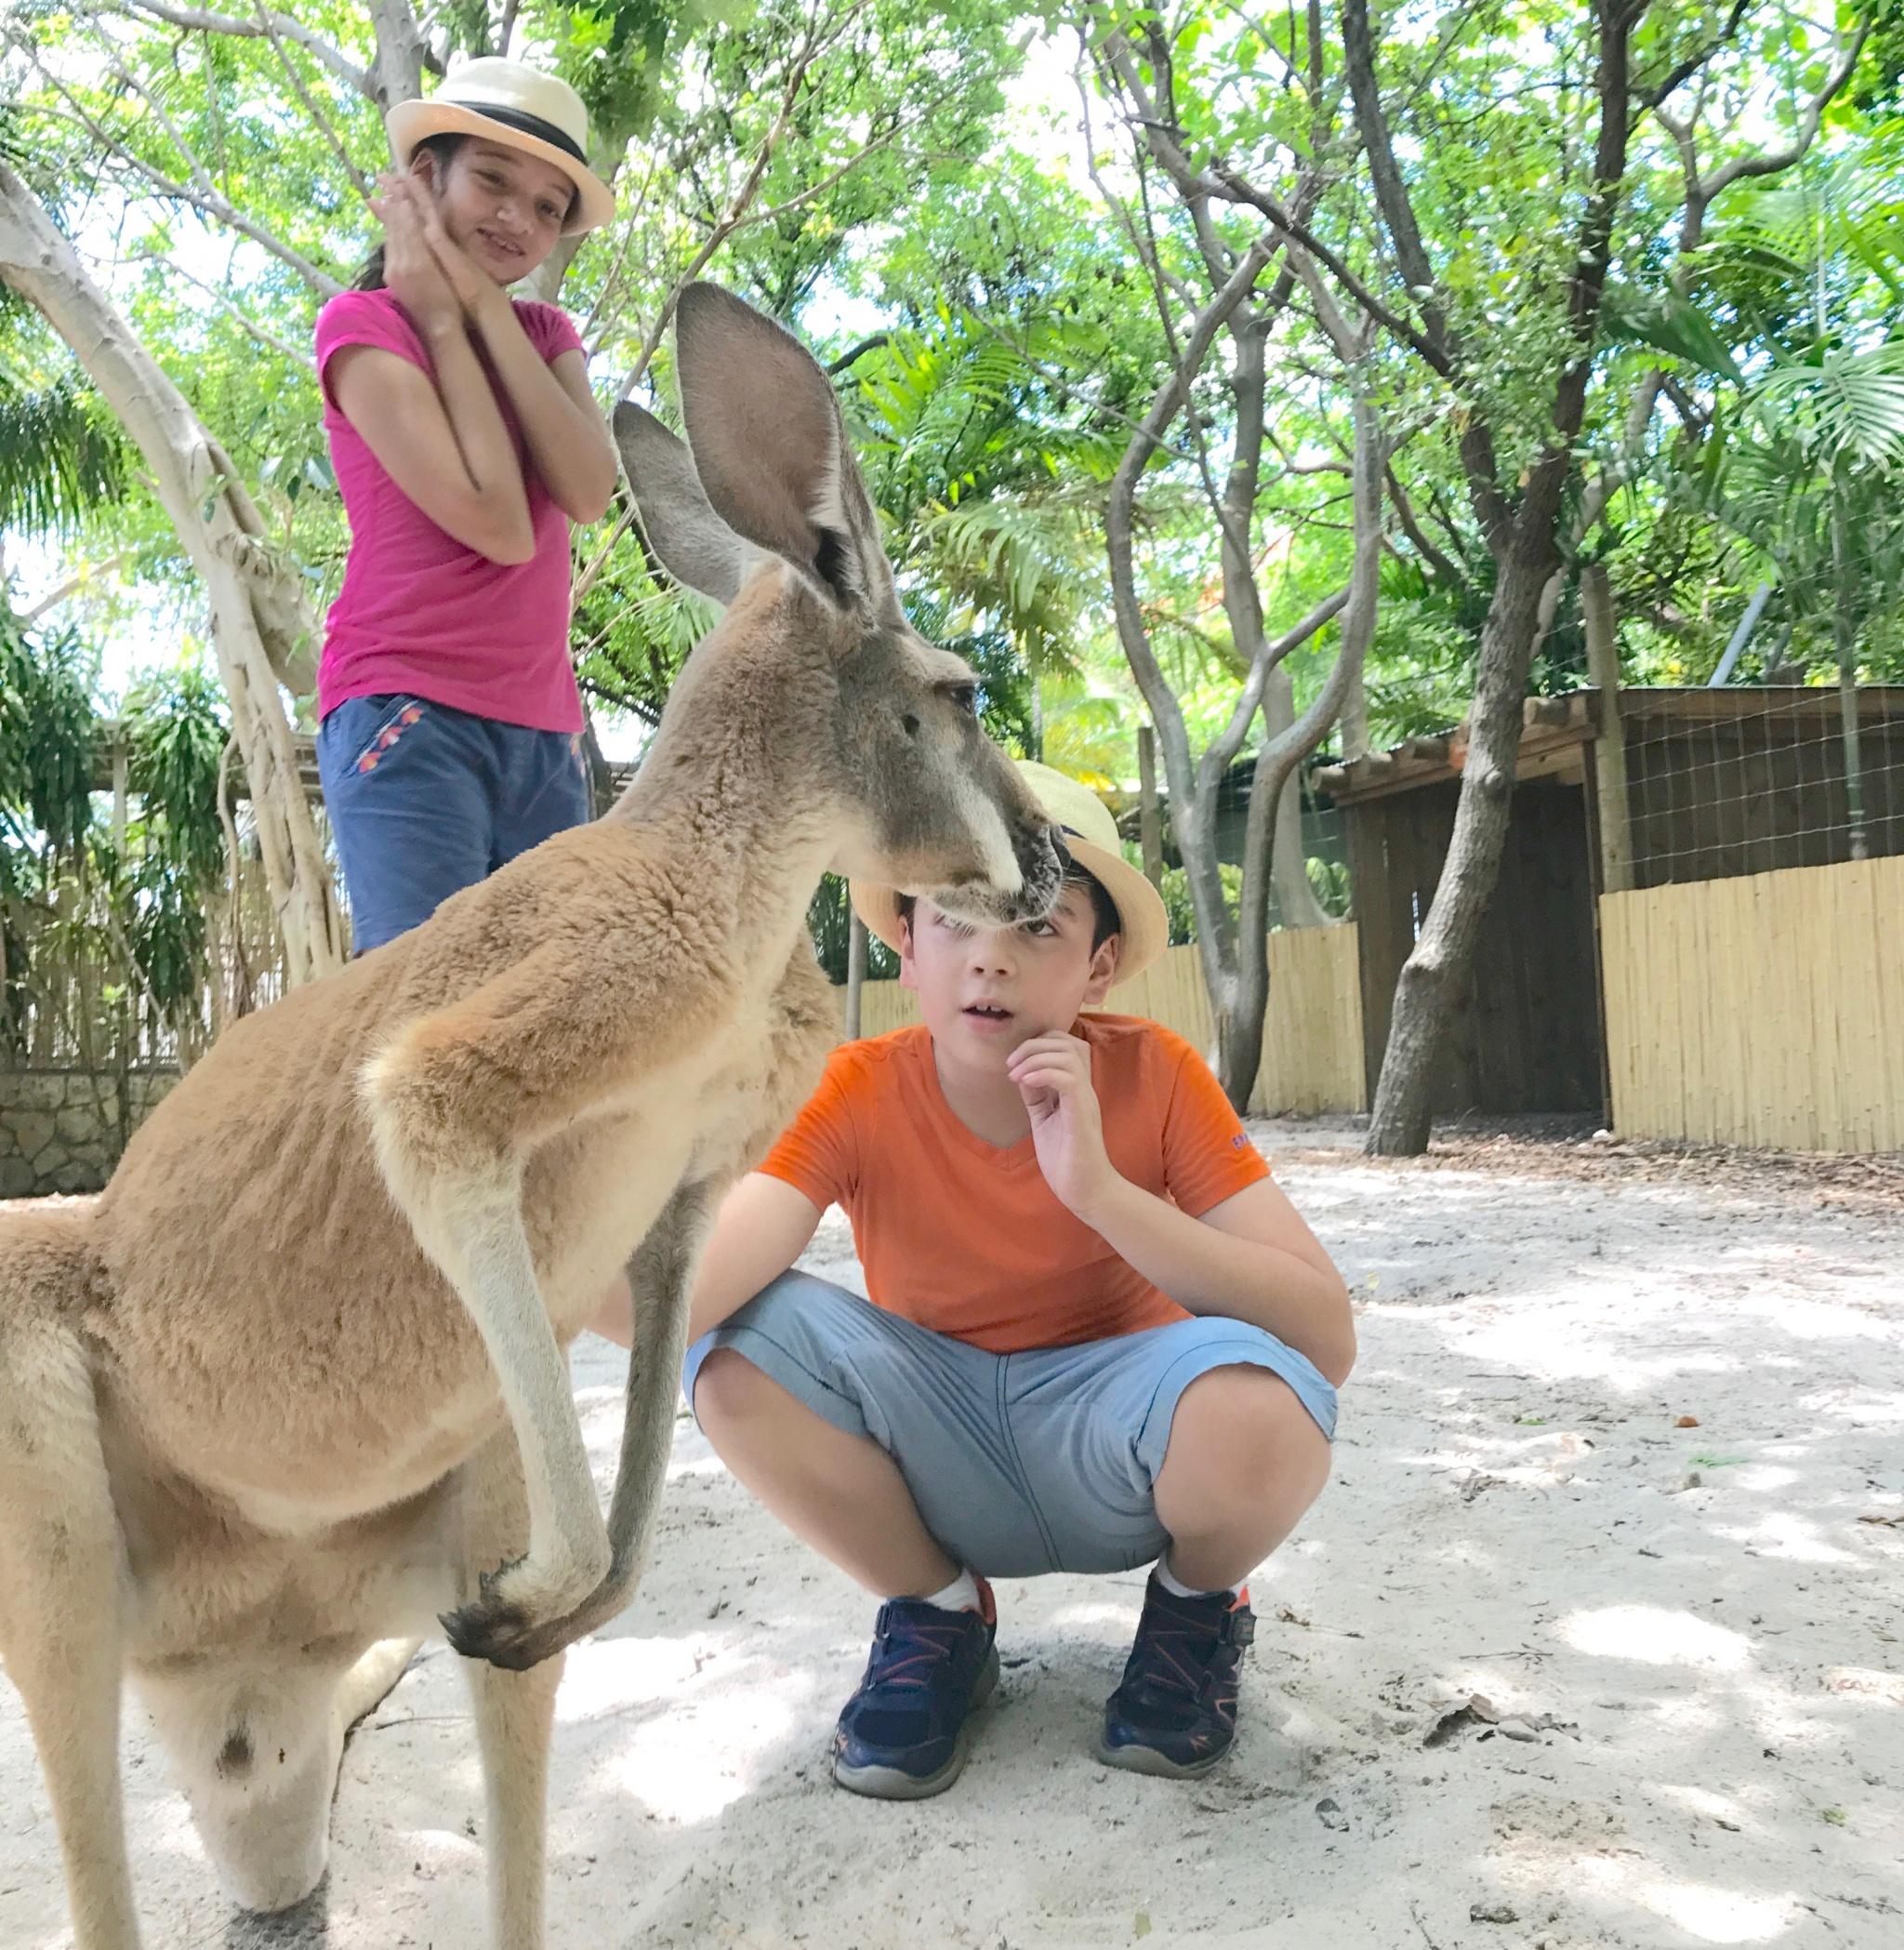 interacting with kangaroo at Jungle Island